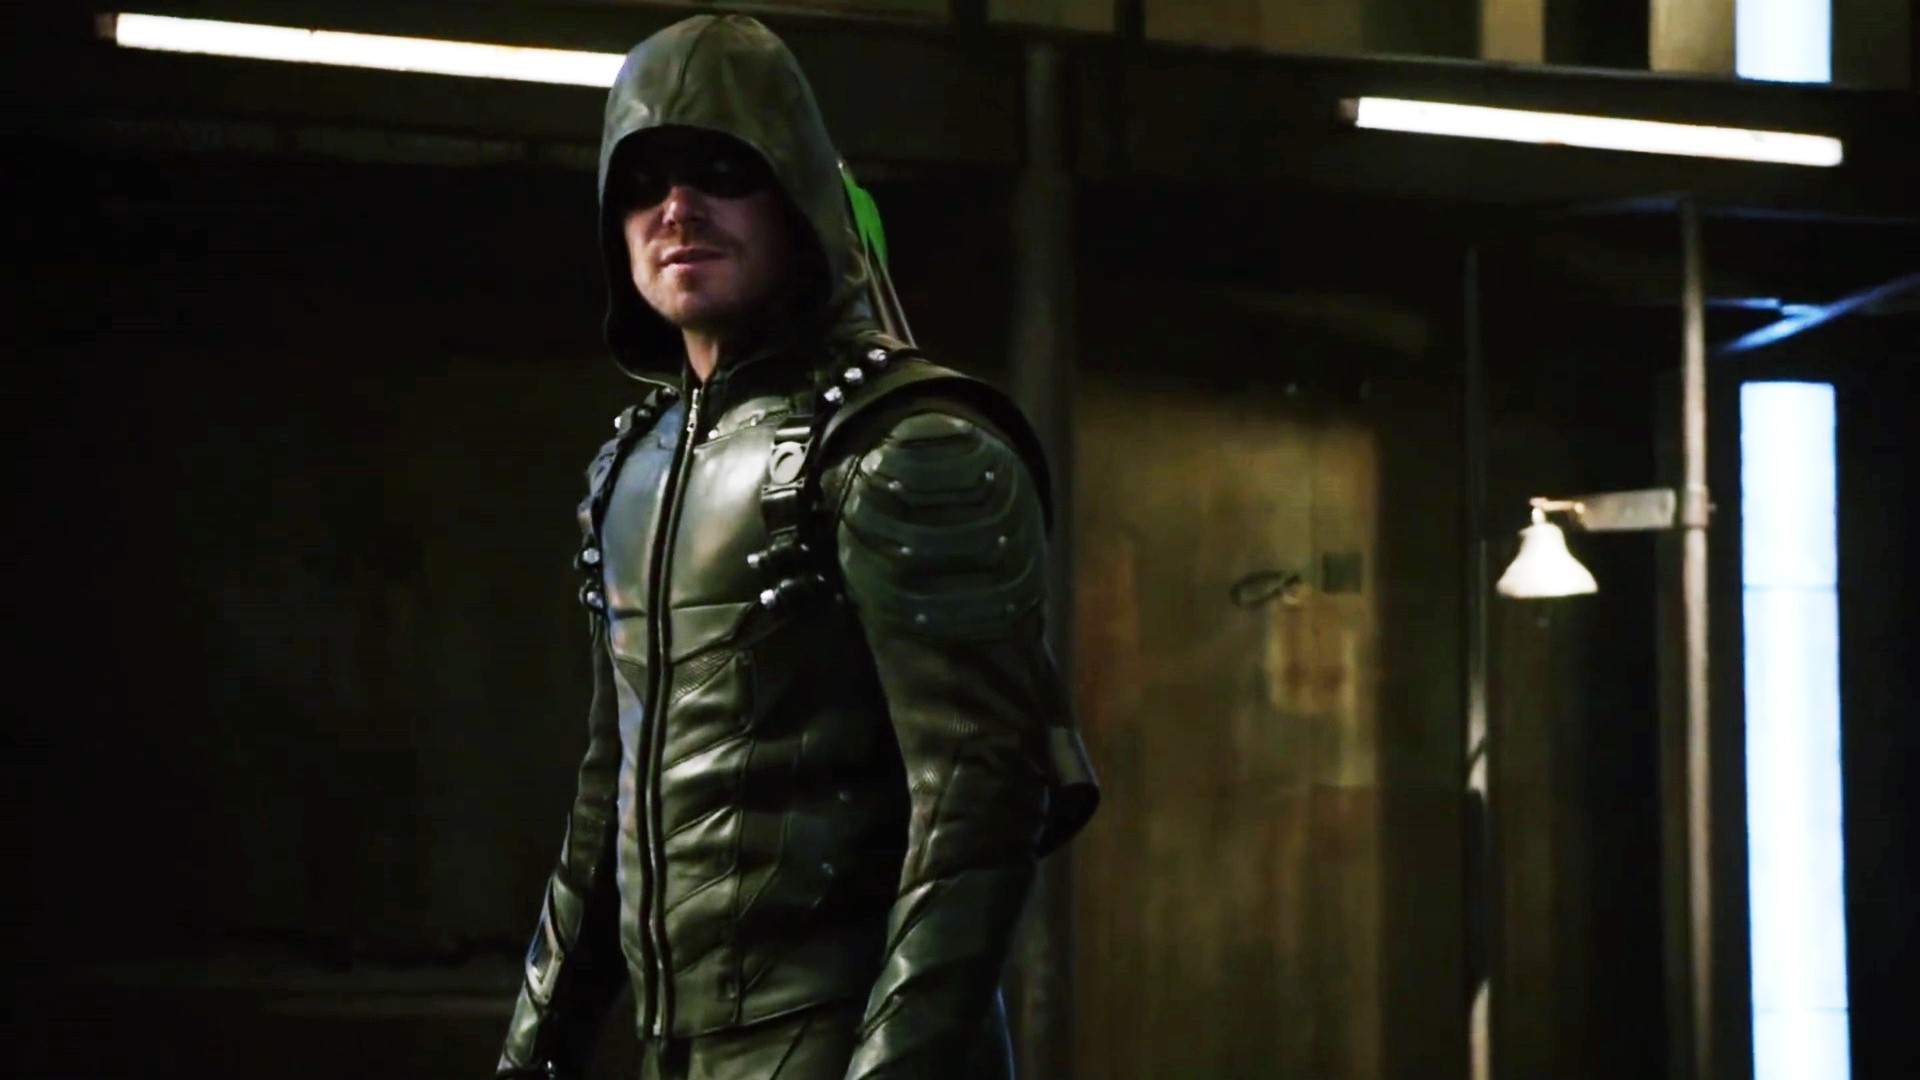 Stephen Amell Arrow Season 5 HD Wallpaper 05550